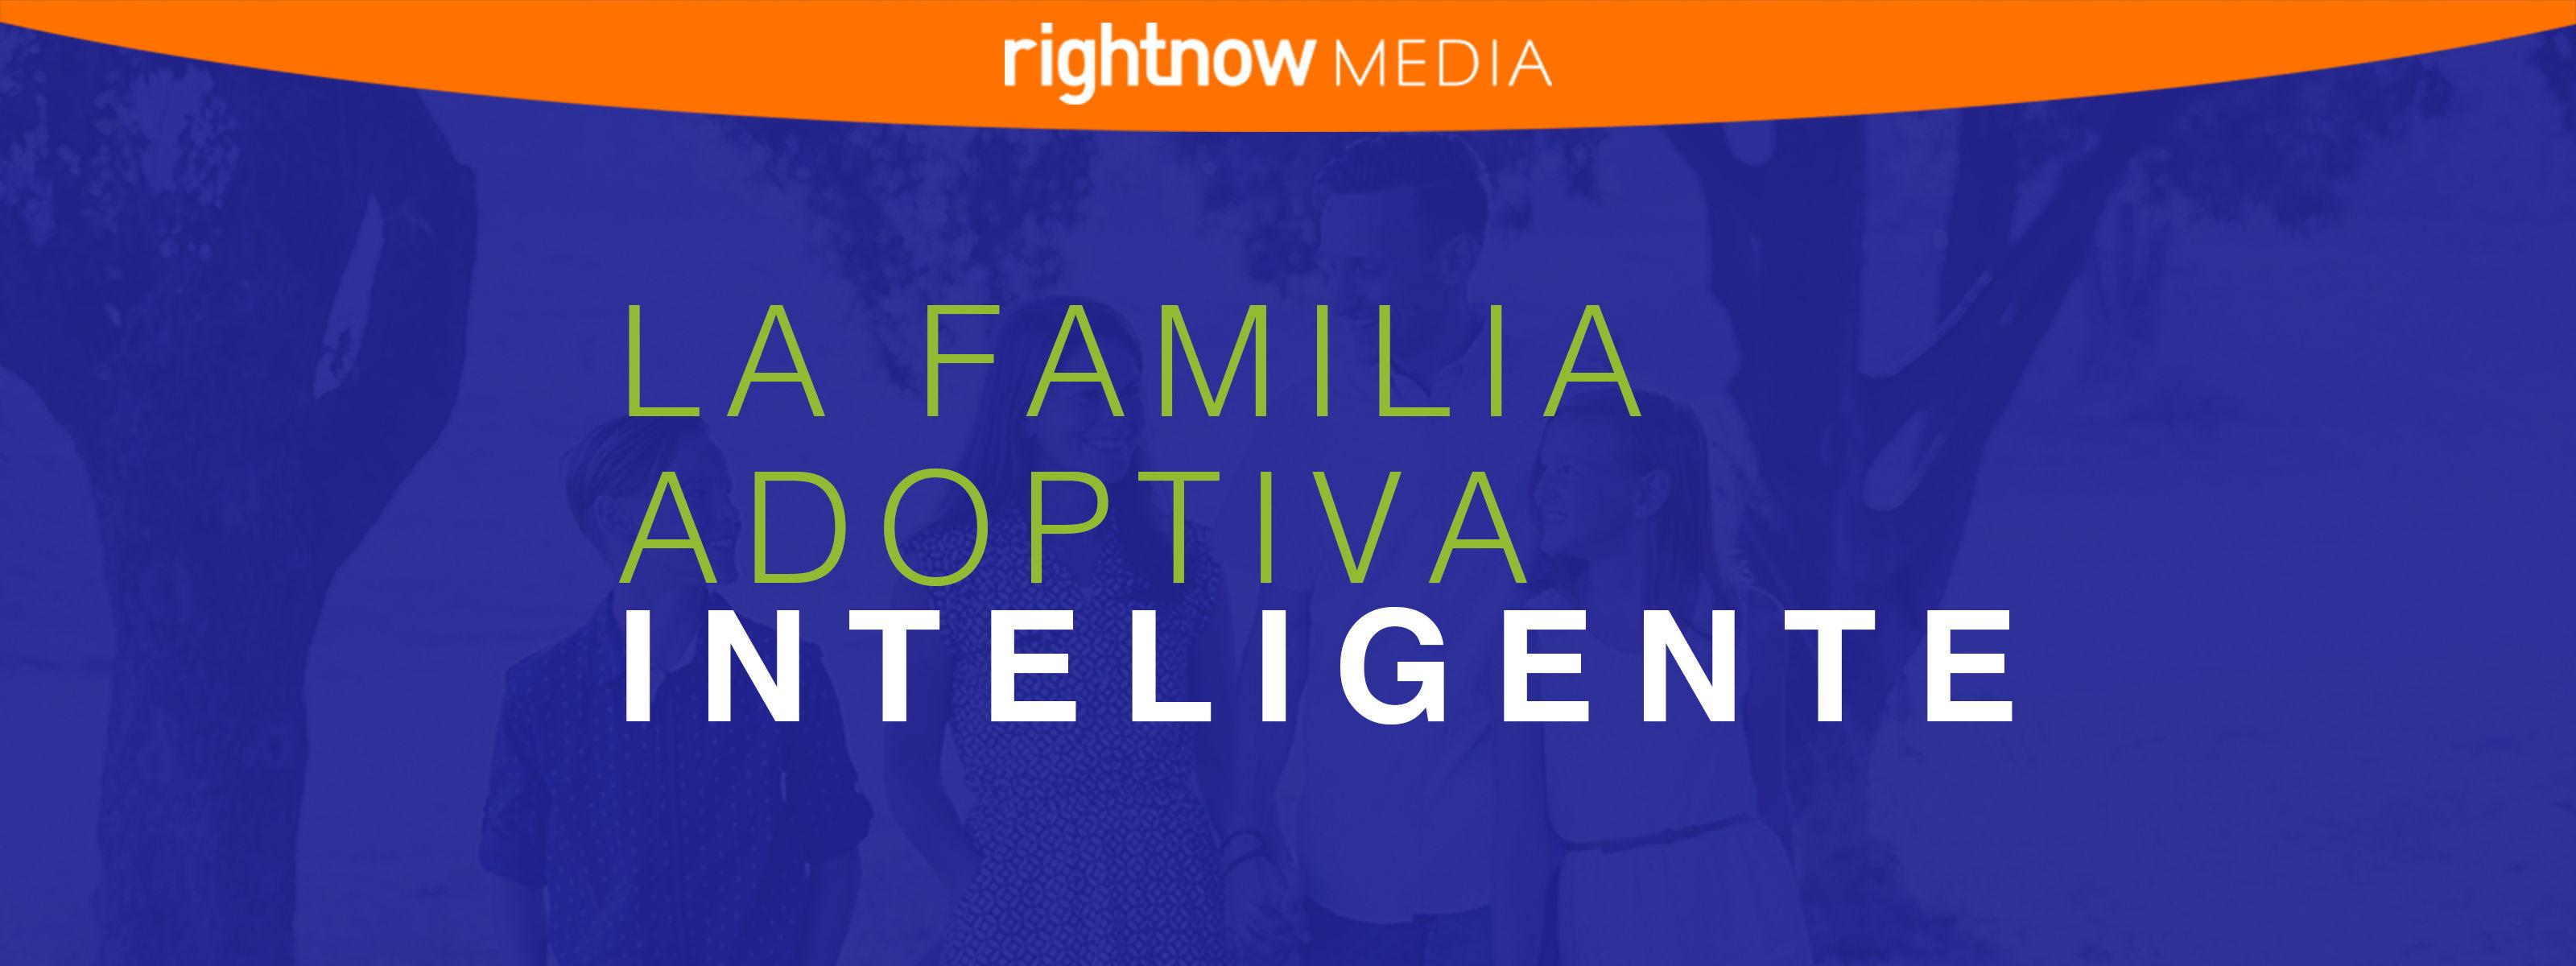 La familia reconstituida intelligente